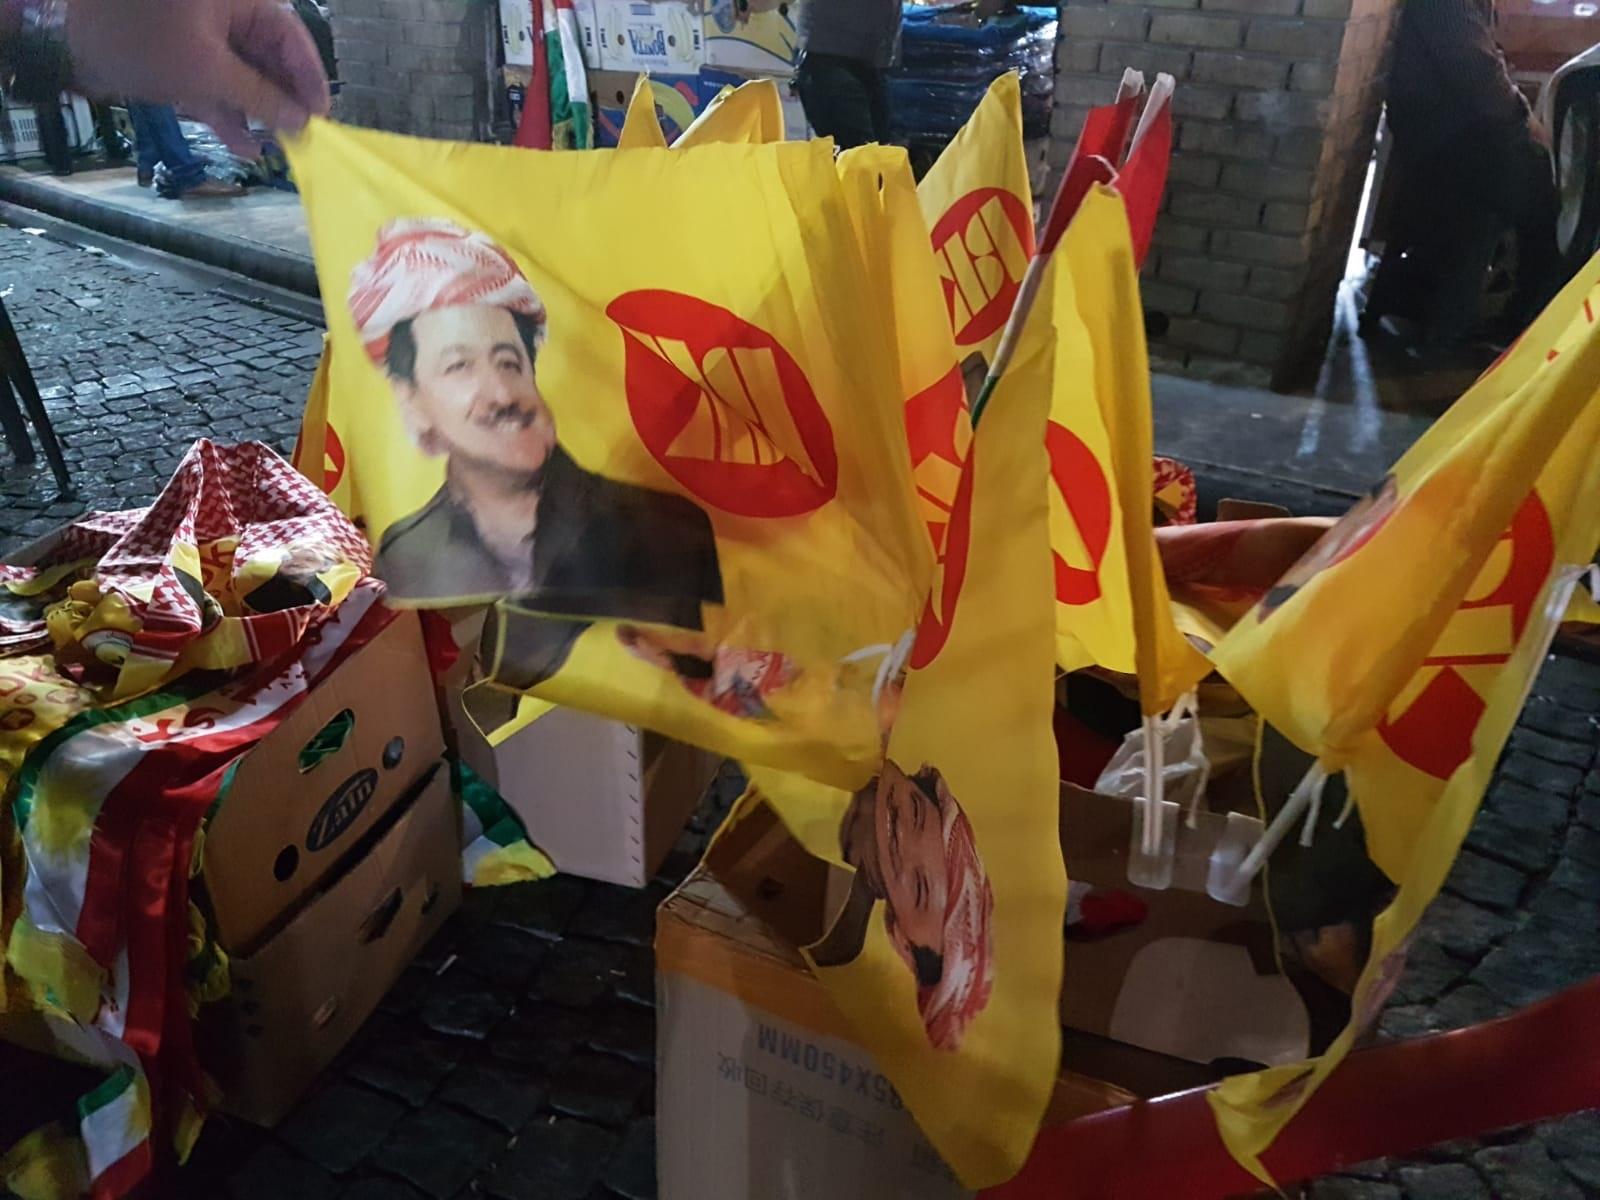 Un resultado positivo en las elecciones del Kurdistán puede persuadir a más cristianos a permanecer en Iraq: Patriarca Sako